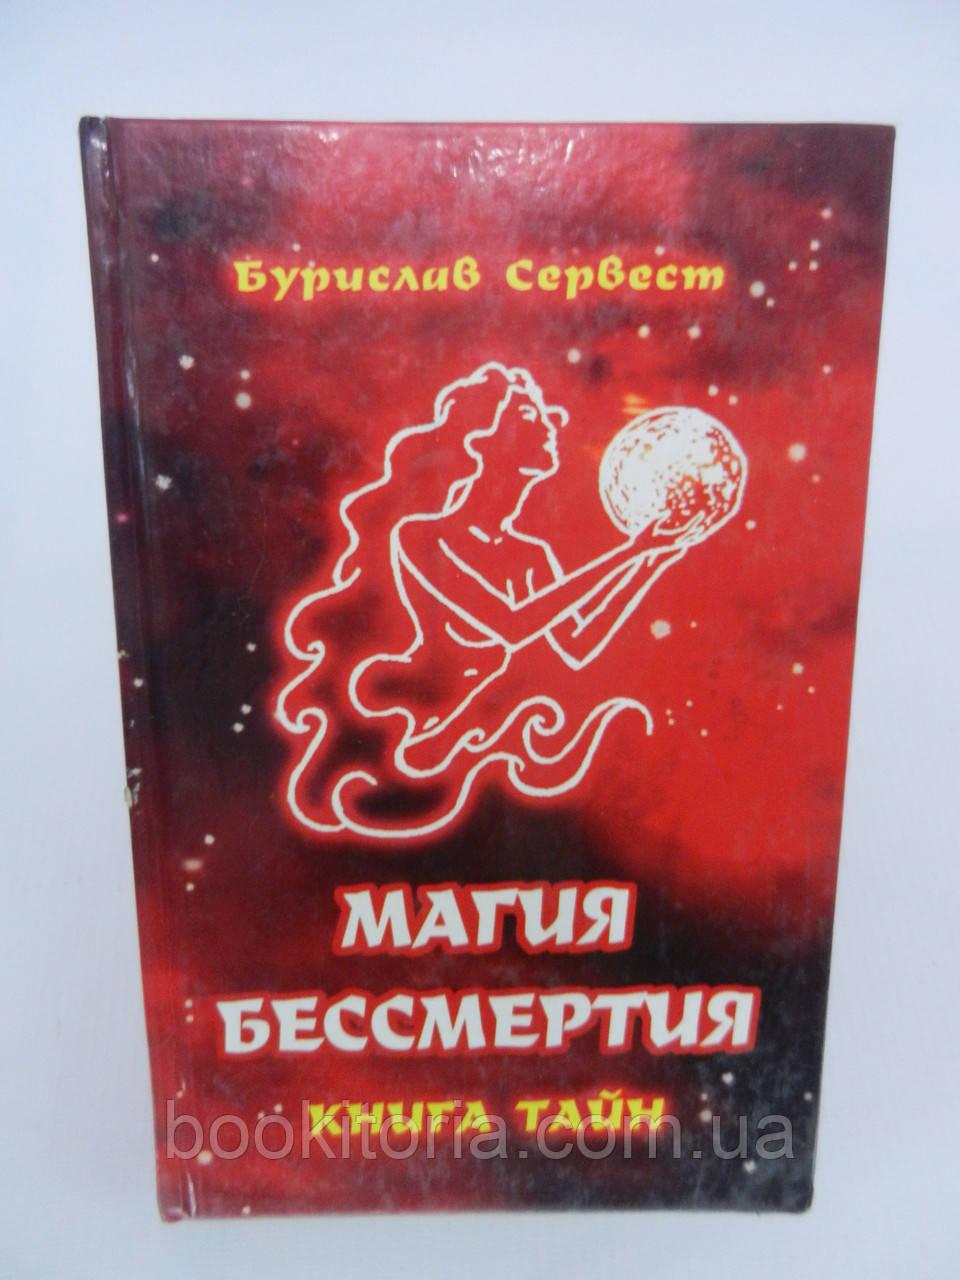 Сервест Б. Магия бессмертия. Книга тайн (б/у).